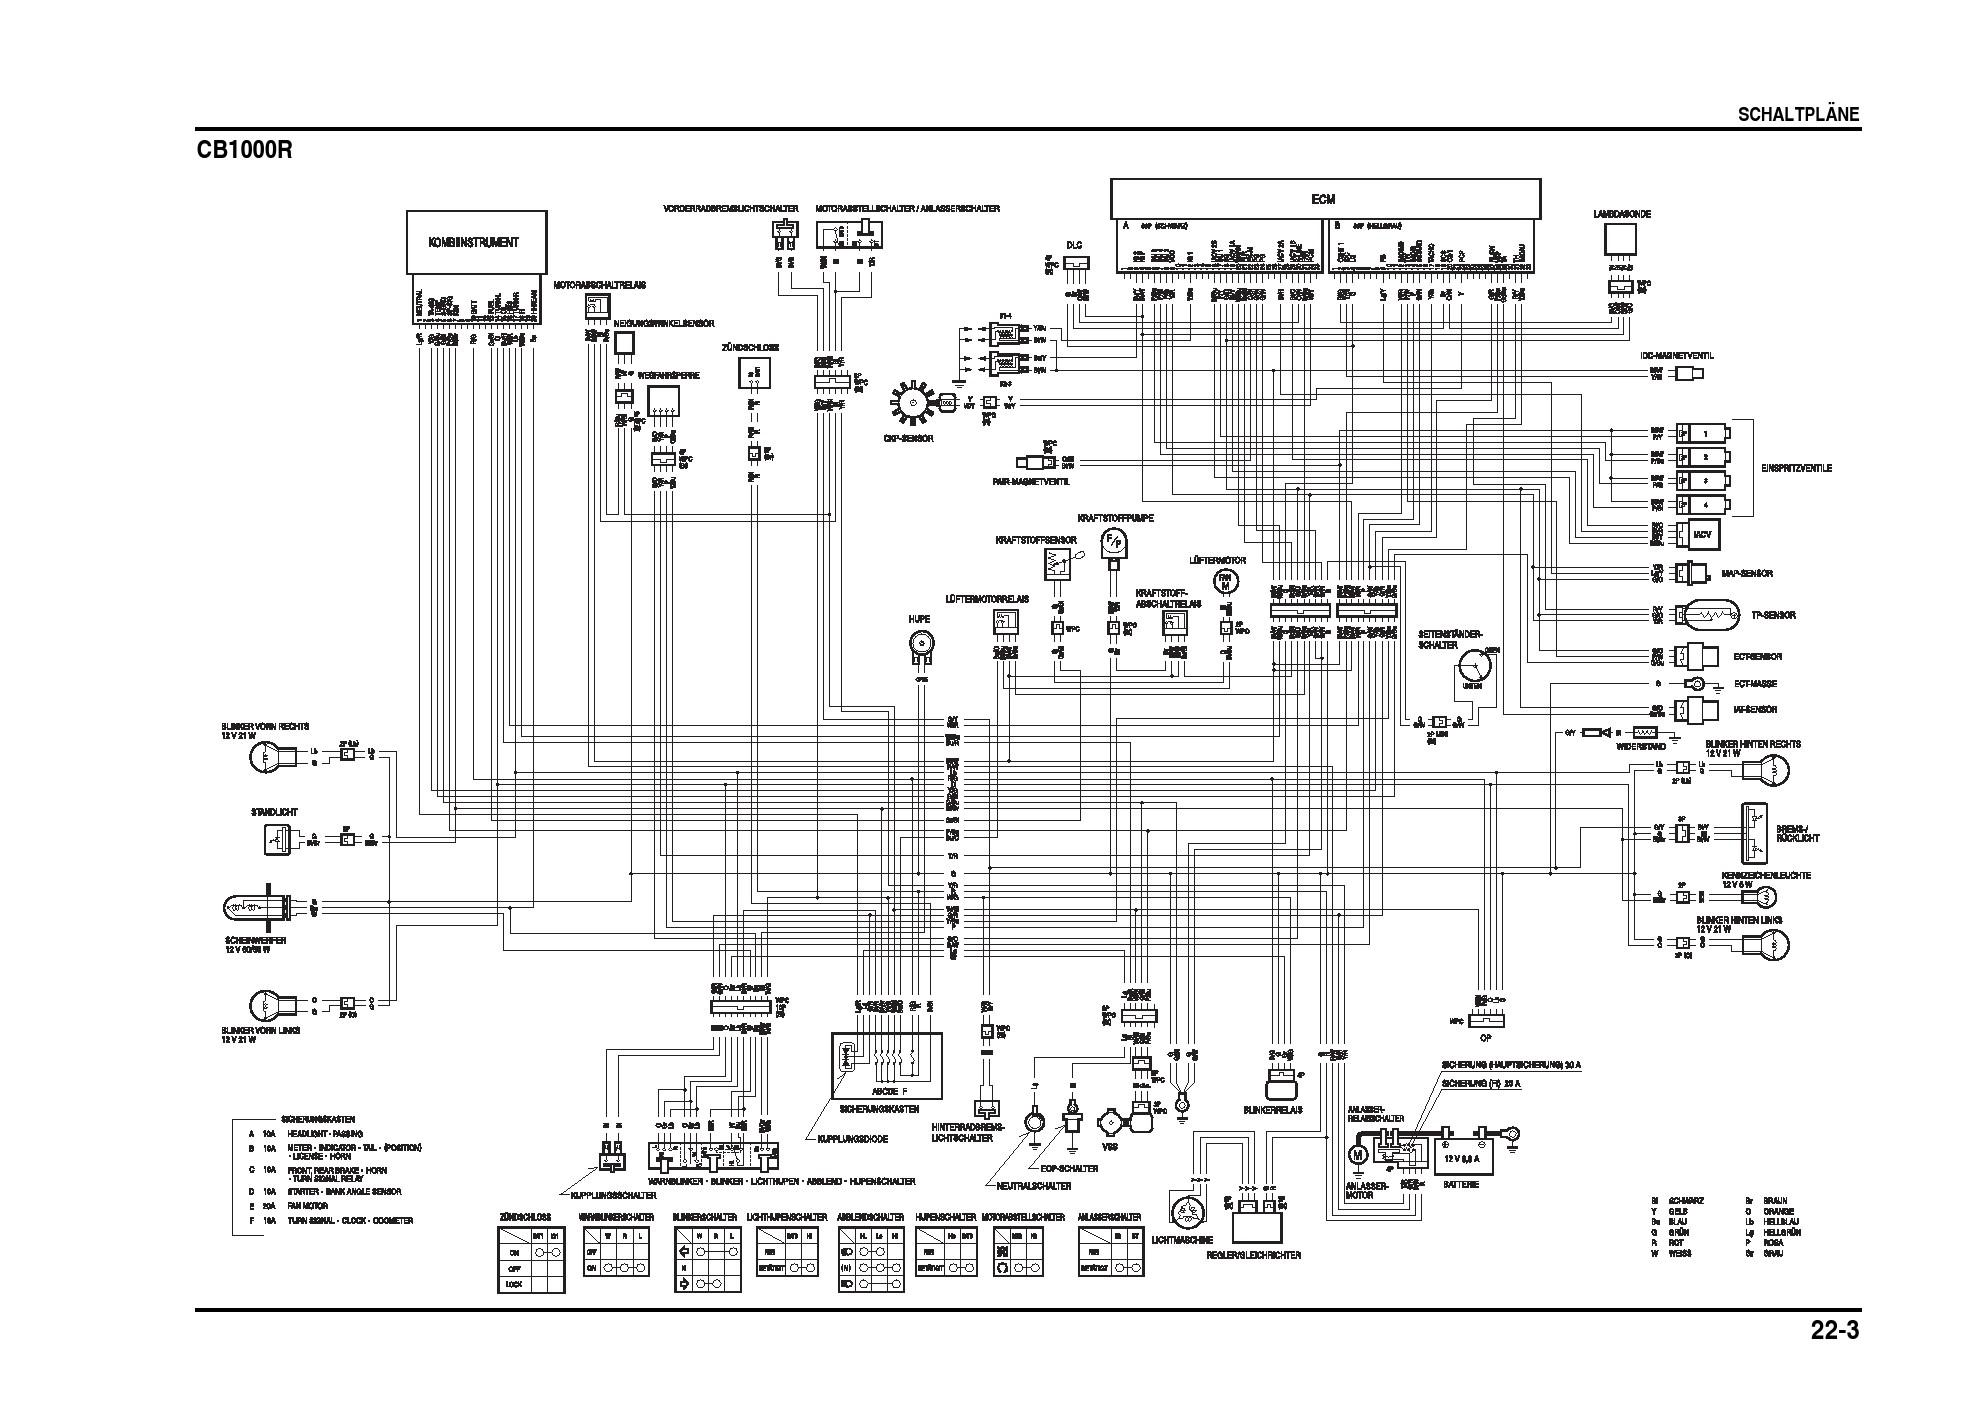 CB1000R wiring diagram | Honda CB1000R ForumHonda CB1000R Forum